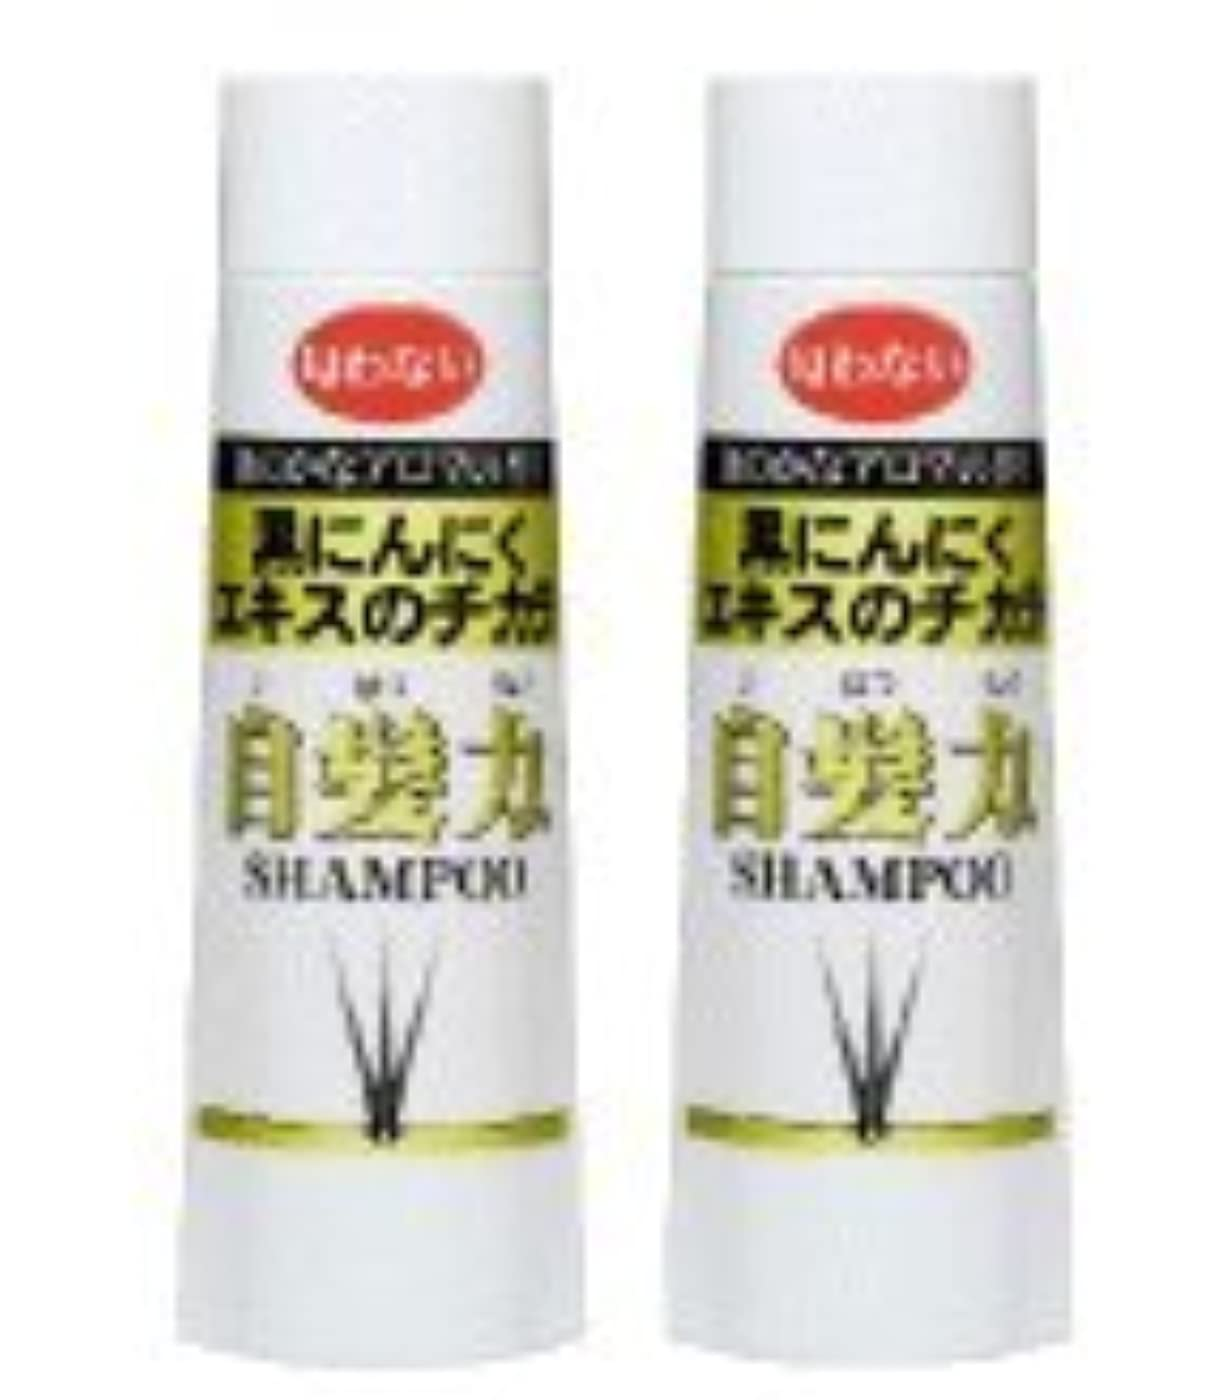 傾いた破壊的な努力する黒にんにくシャンプー 自髪力 男性用(250ml)2本セット